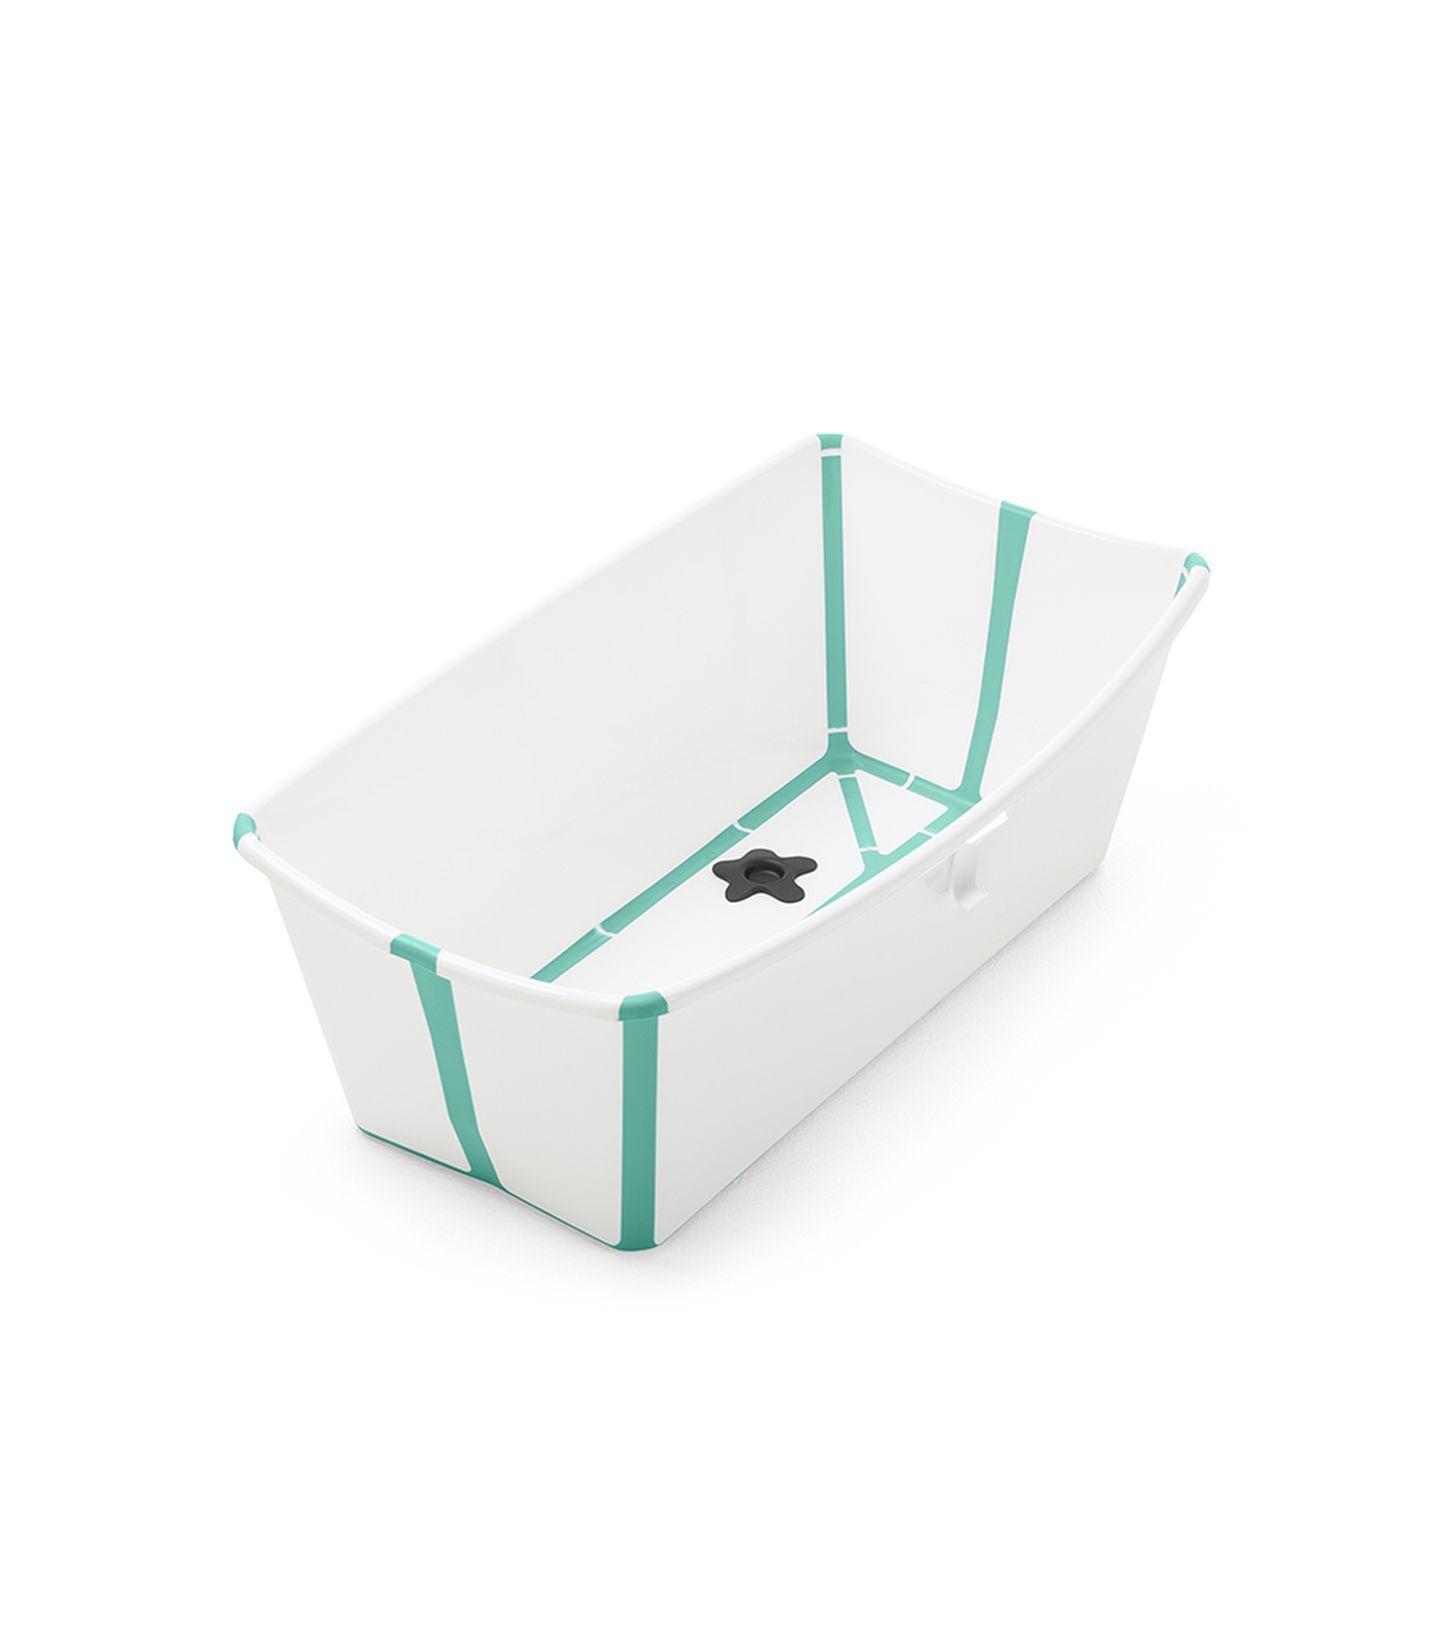 Stokke Flexi Bath With Thermosensitive Valve White Aqua